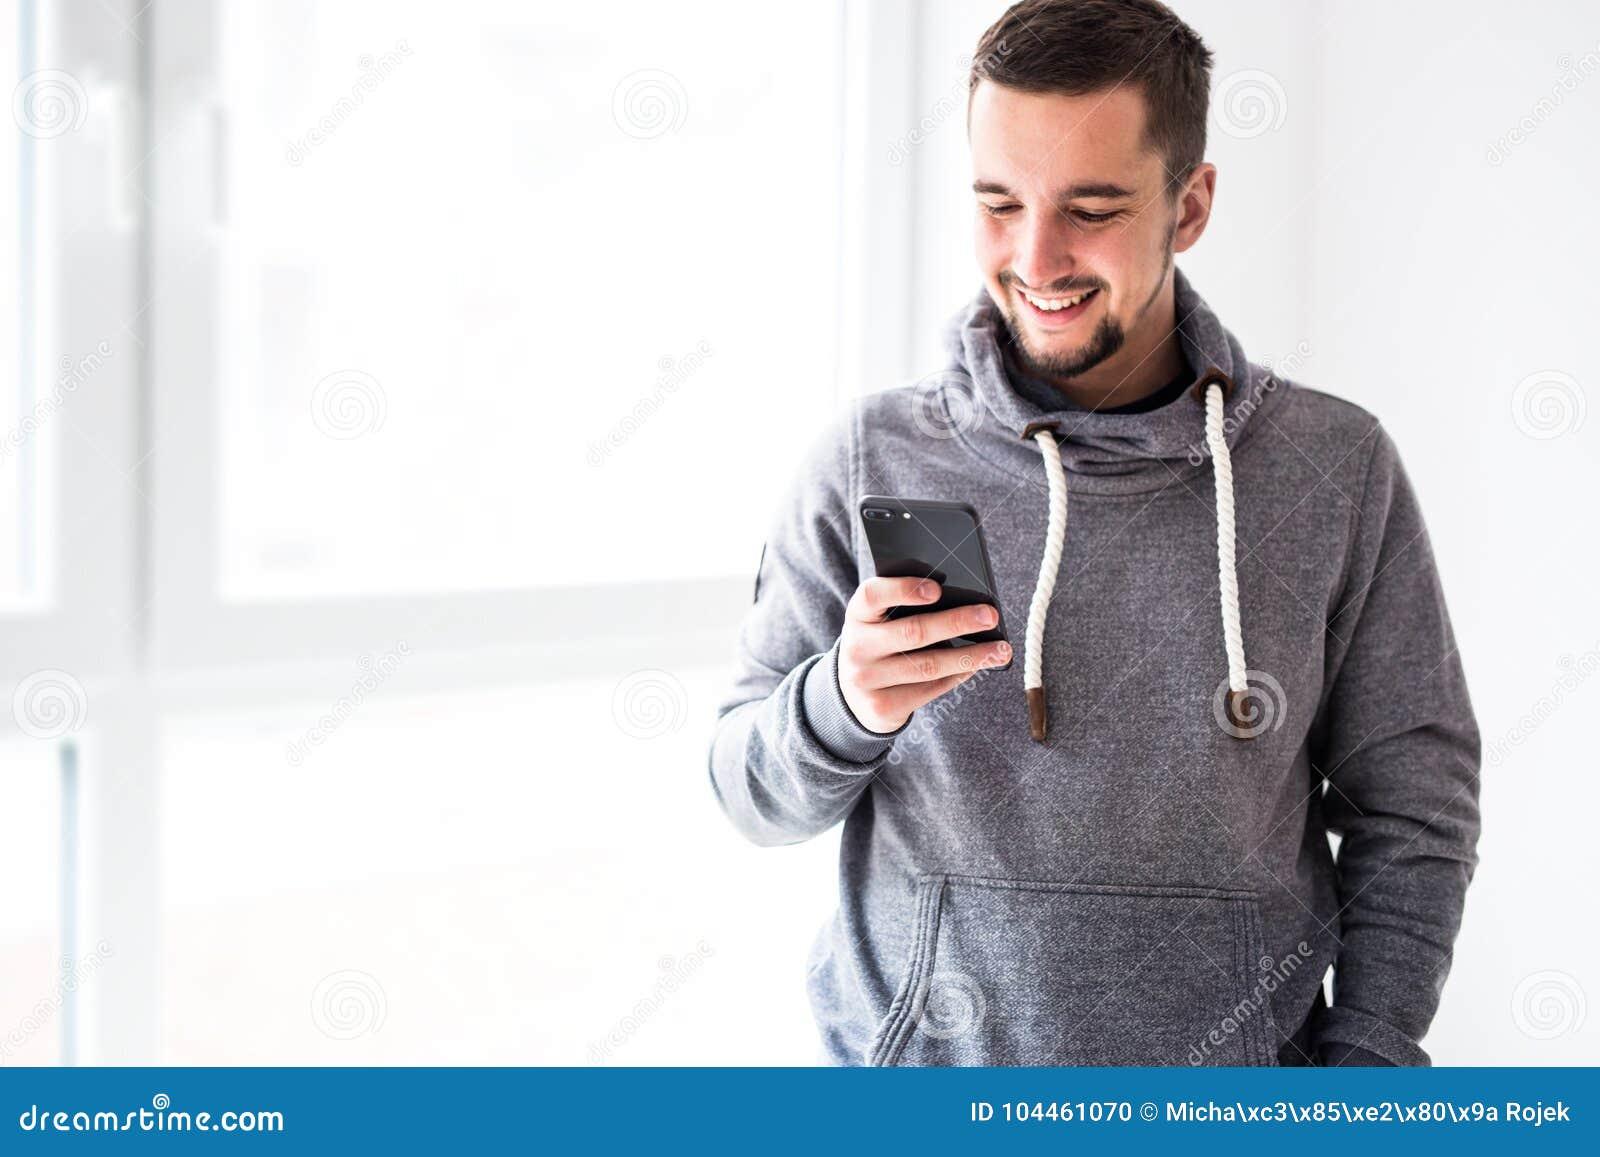 Άτομο που χρησιμοποιεί το smartphone στο εγχώριο εσωτερικό